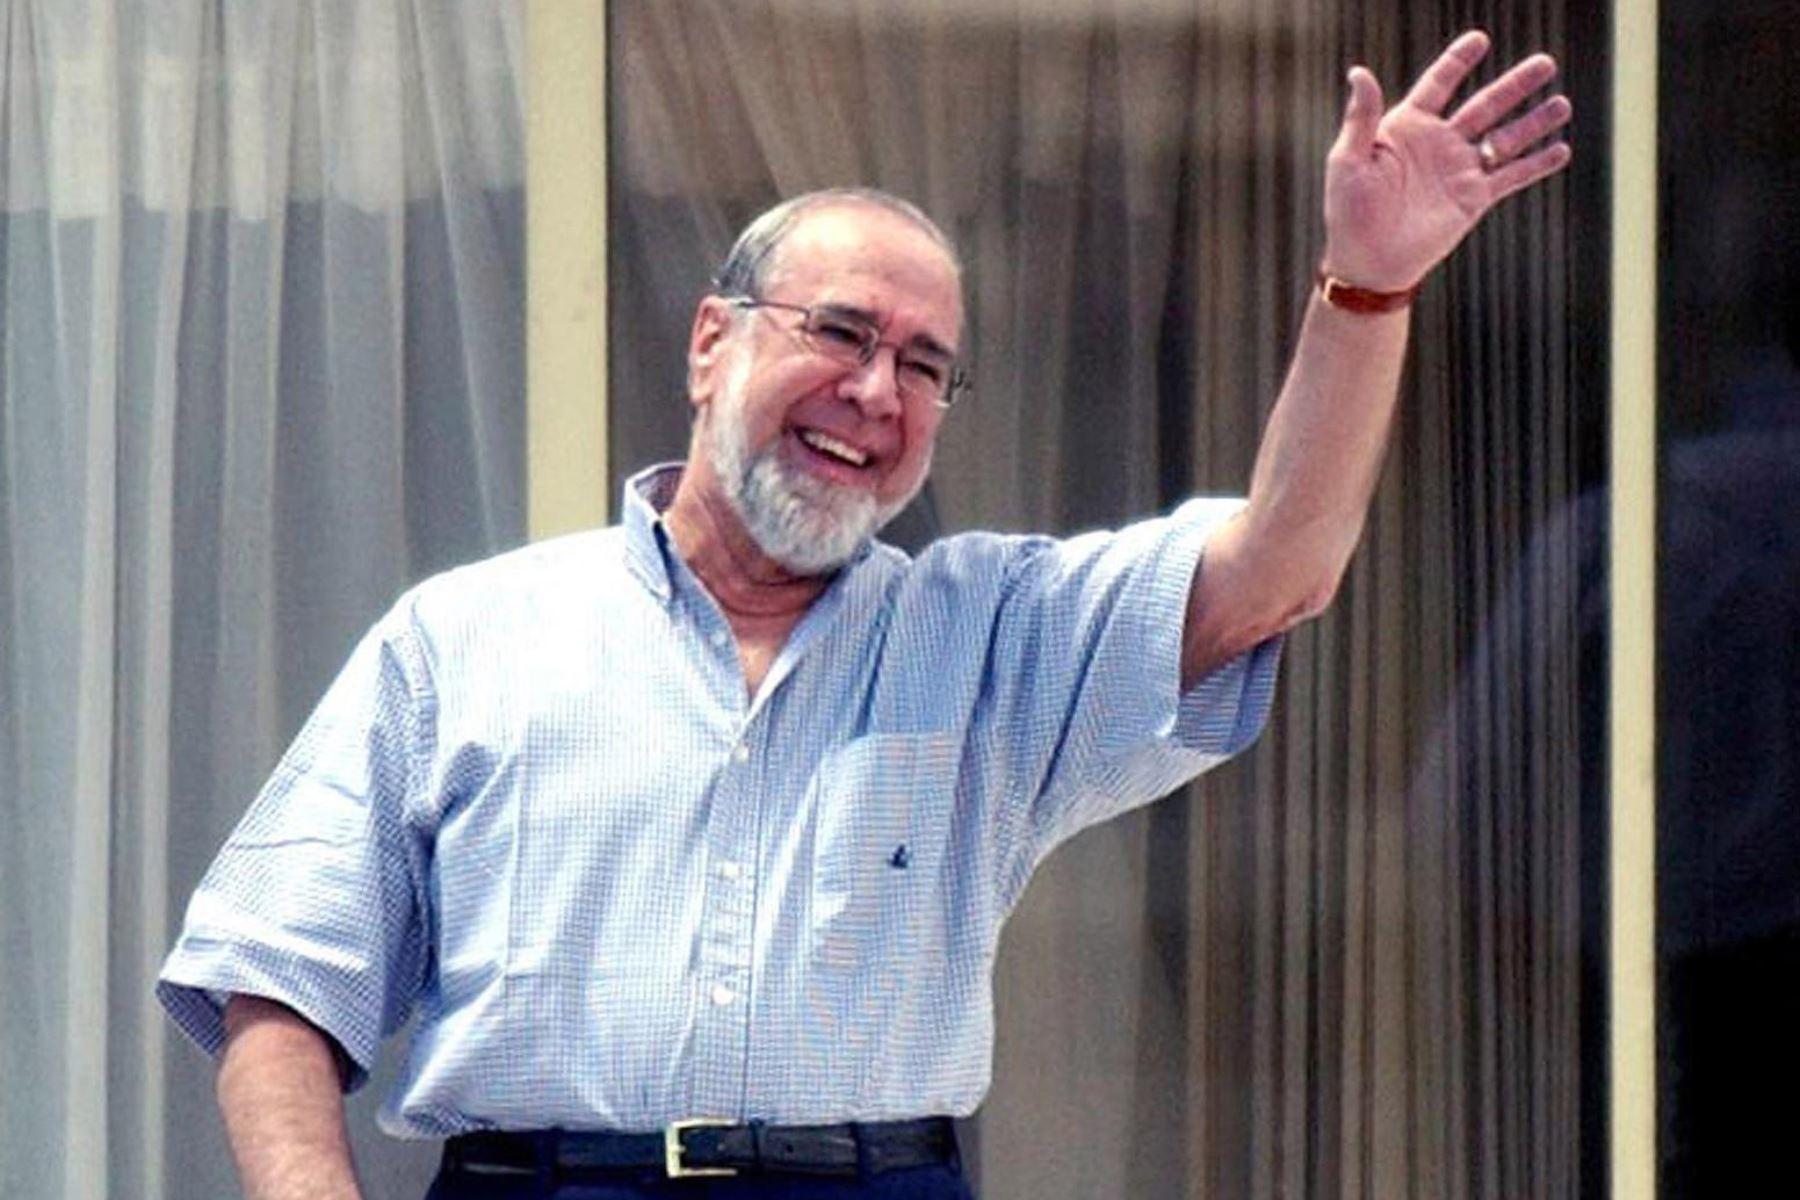 muere-el-expresidente-gustavo-noboa-artifice-de-la-dolarizacion-en-ecuador